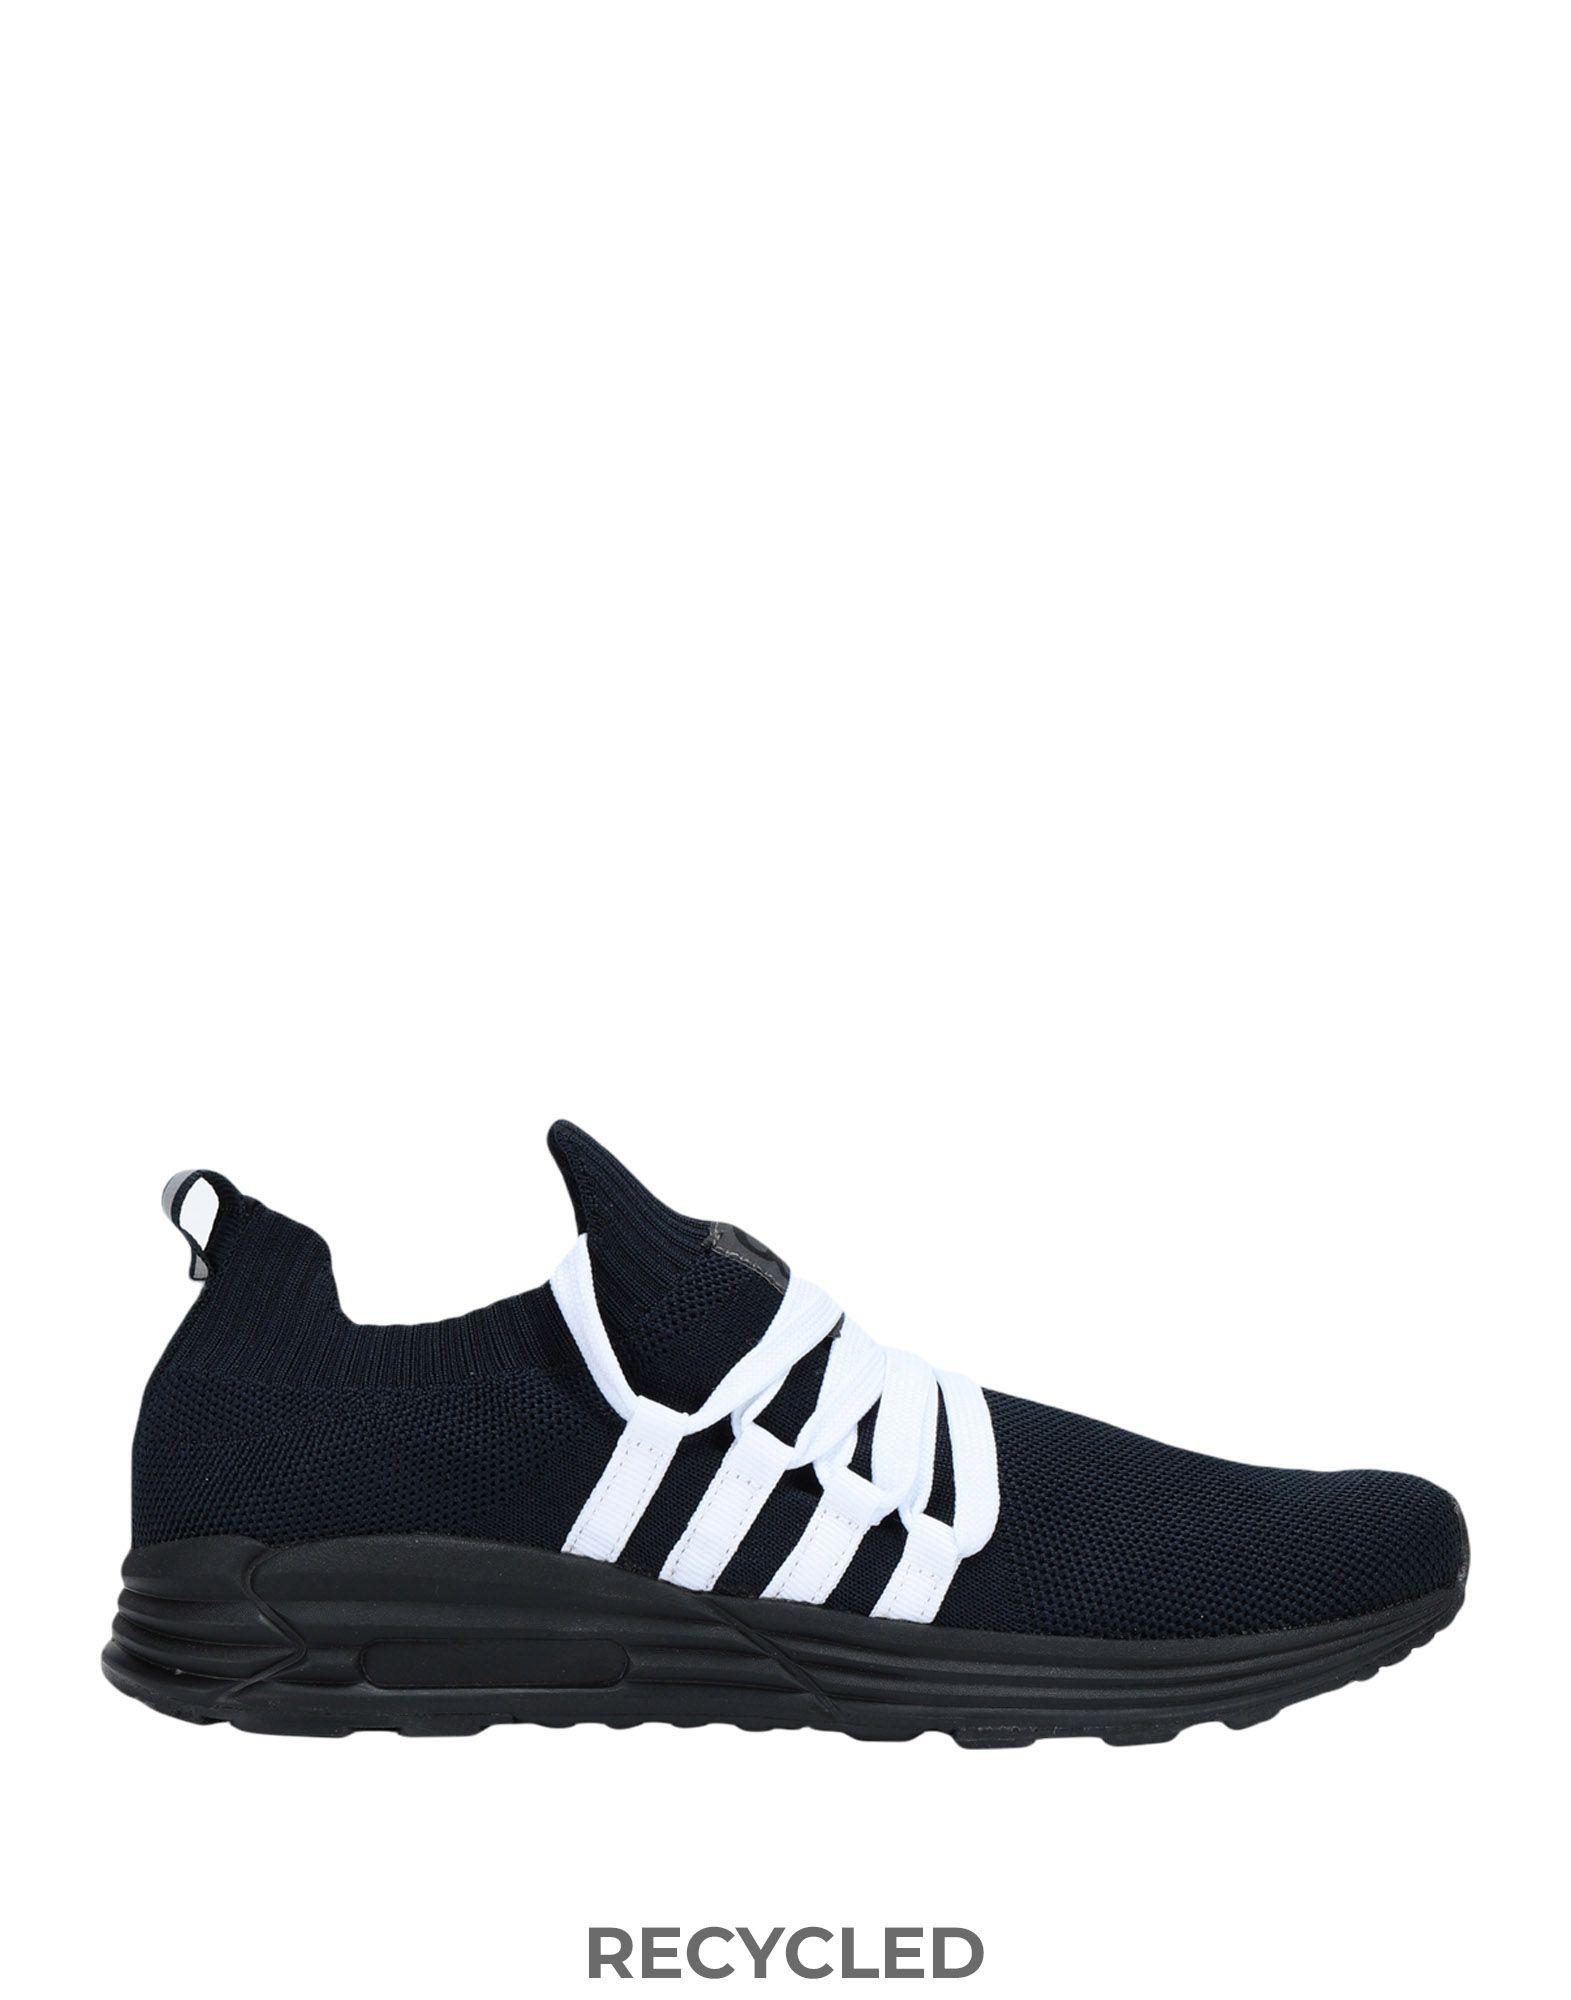 купить кроссовки мерелл в интернет магазине недорого